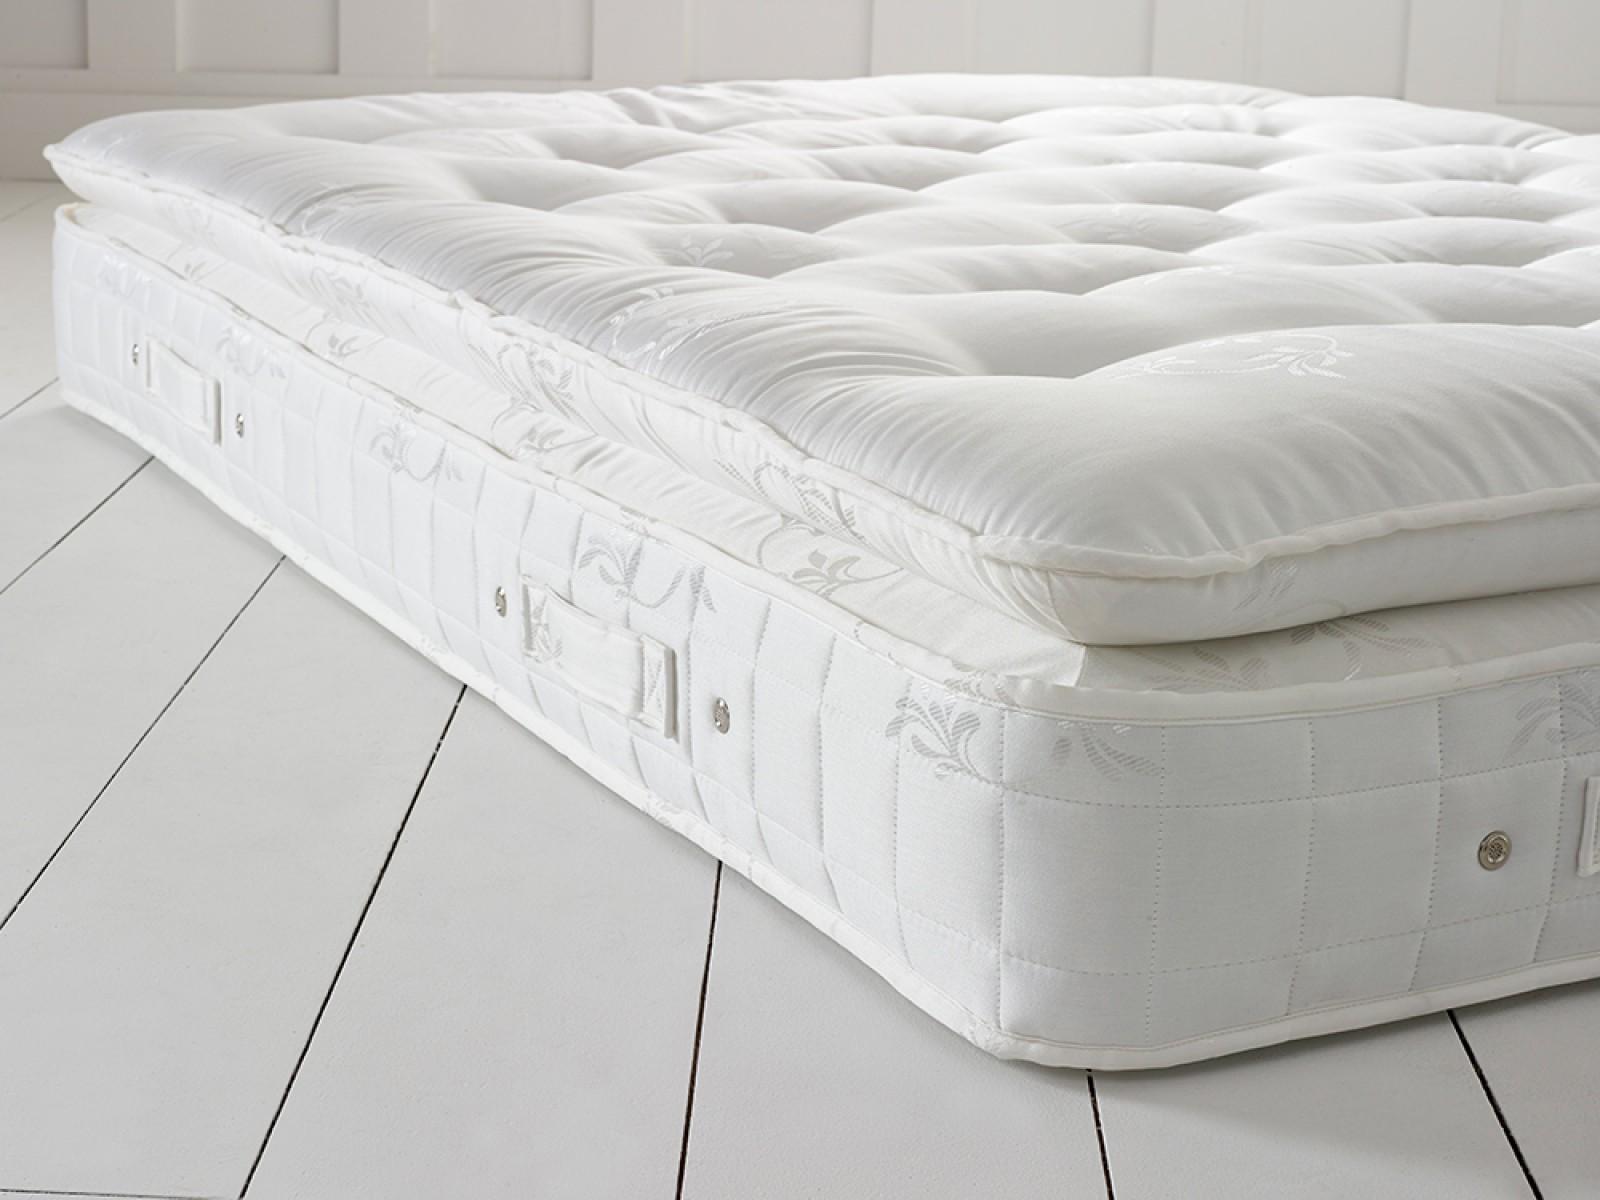 matratzenkauf worauf sollten sie f r den perfekten schlaf. Black Bedroom Furniture Sets. Home Design Ideas